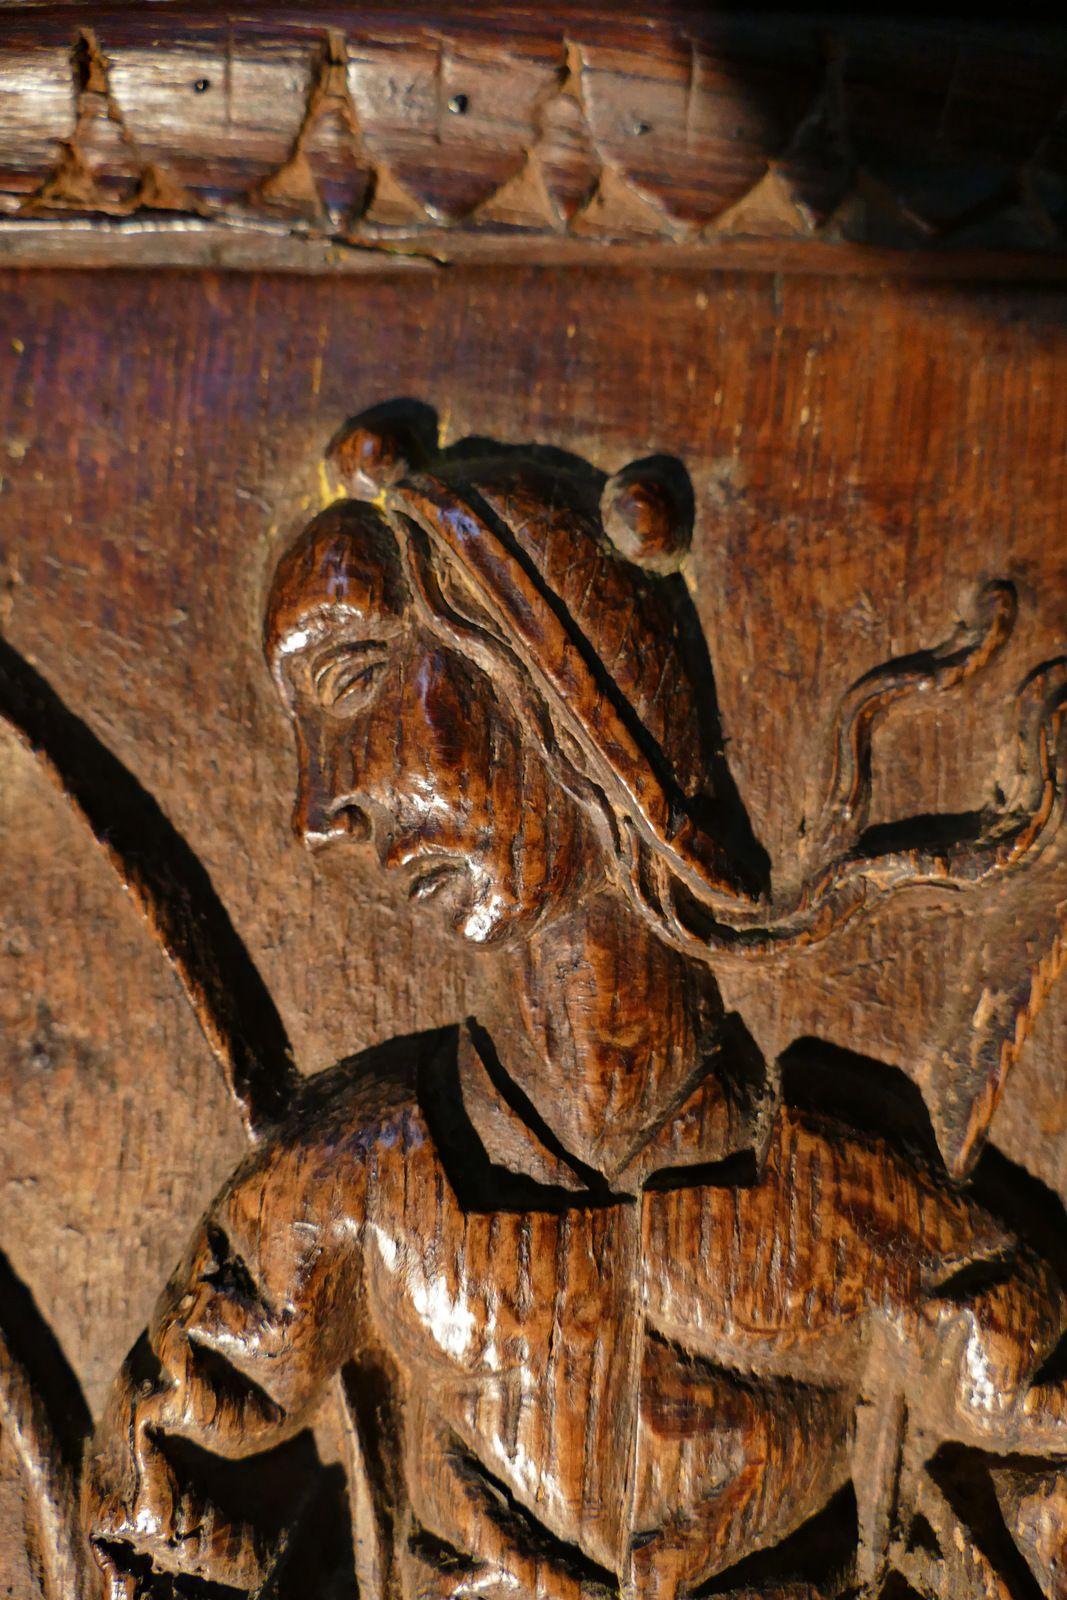 Haut-dossier des stalles sud (v. 1518-1525) de la collégiale Notre-Dame de La Guerche-de-Bretagne. Photographie lavieb-aile octobre 2020.